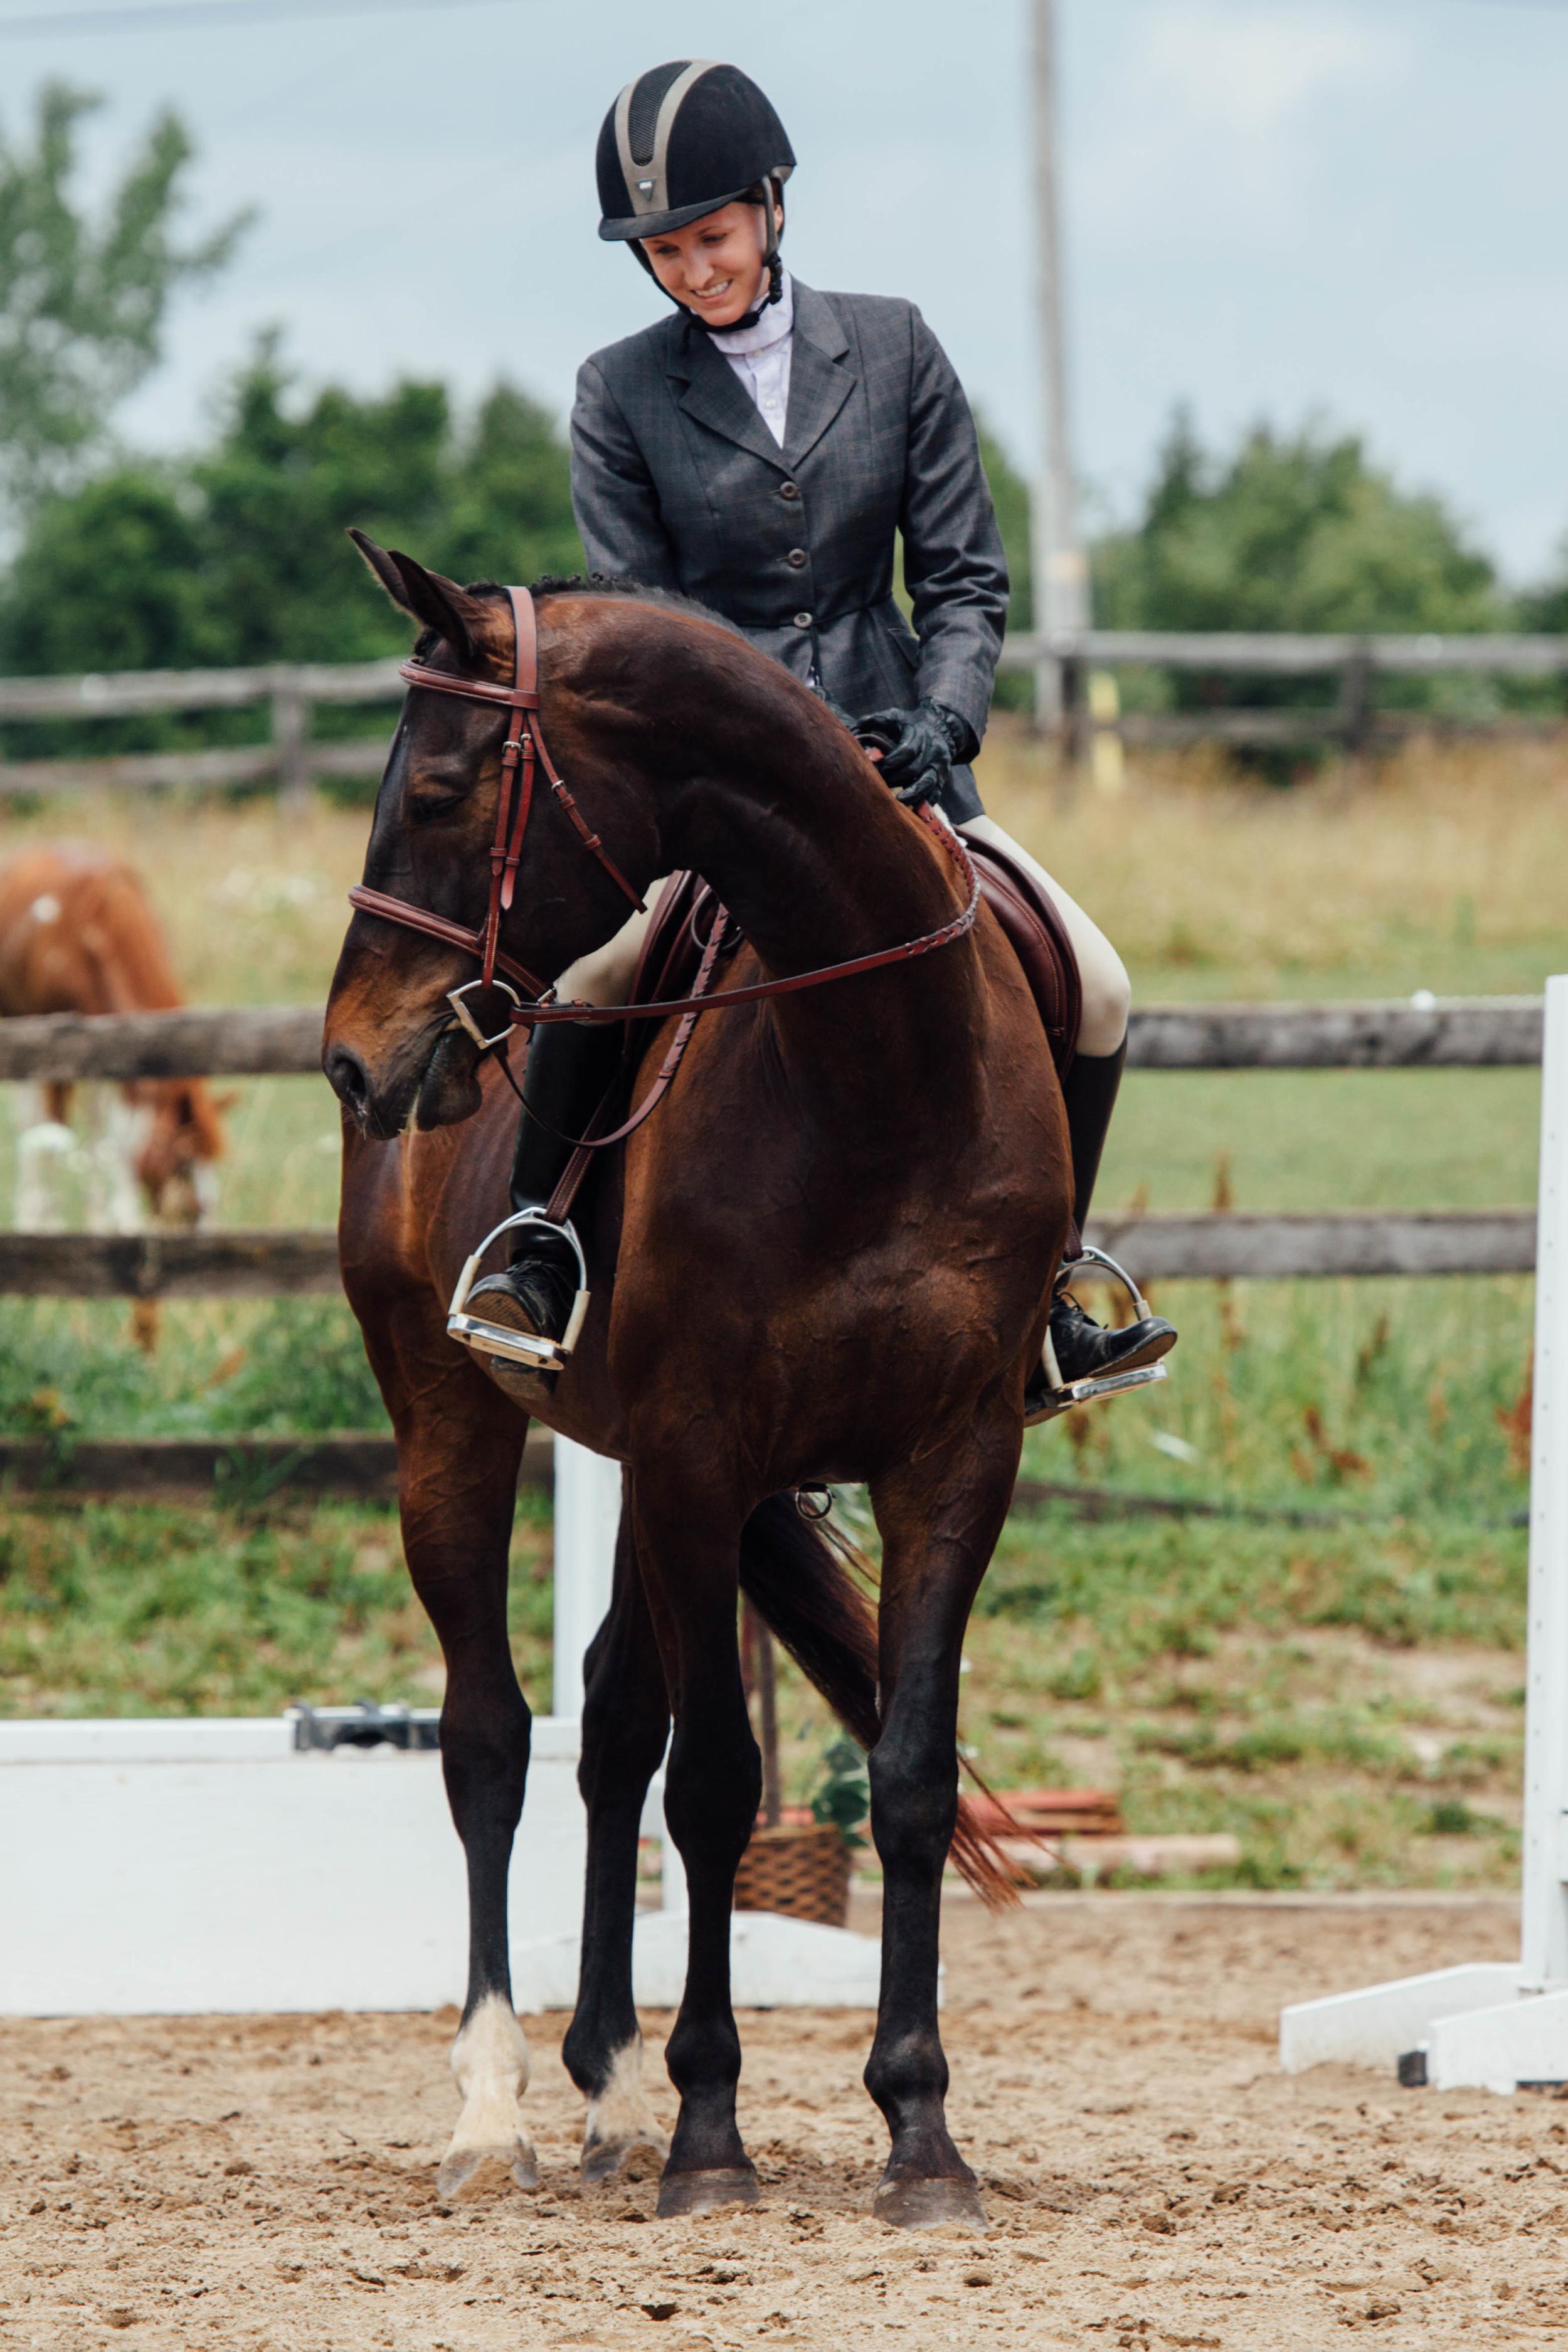 vsco edit horse show-10.jpg